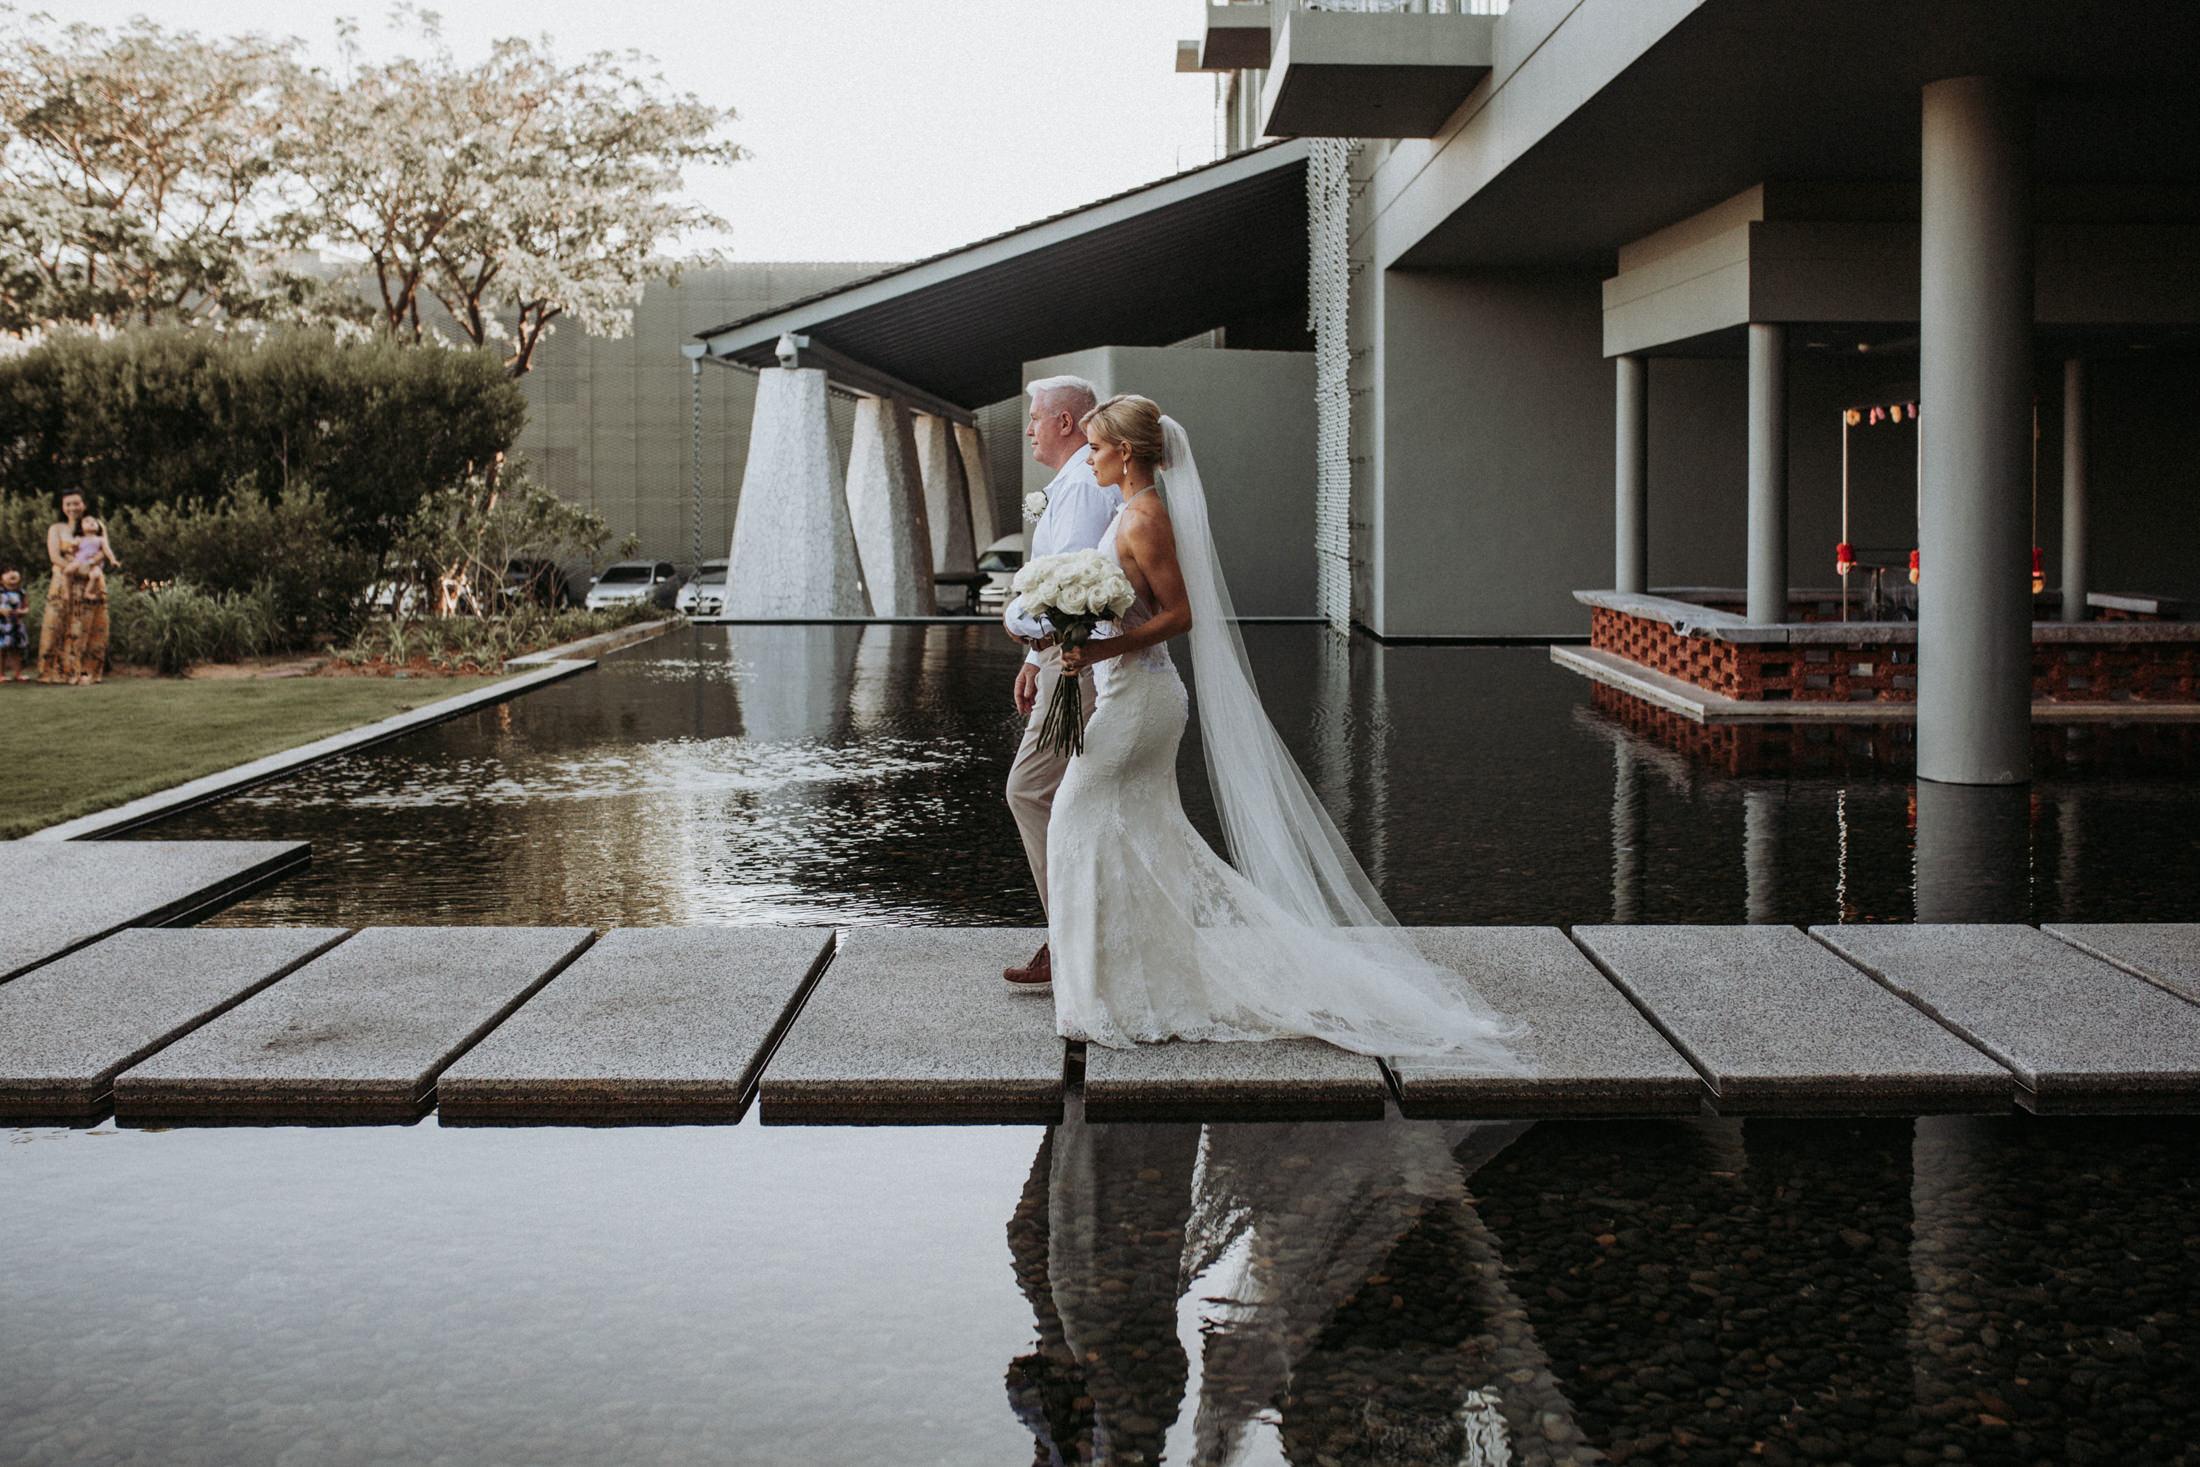 DanielaMarquardt_Wedding_Thailand_221